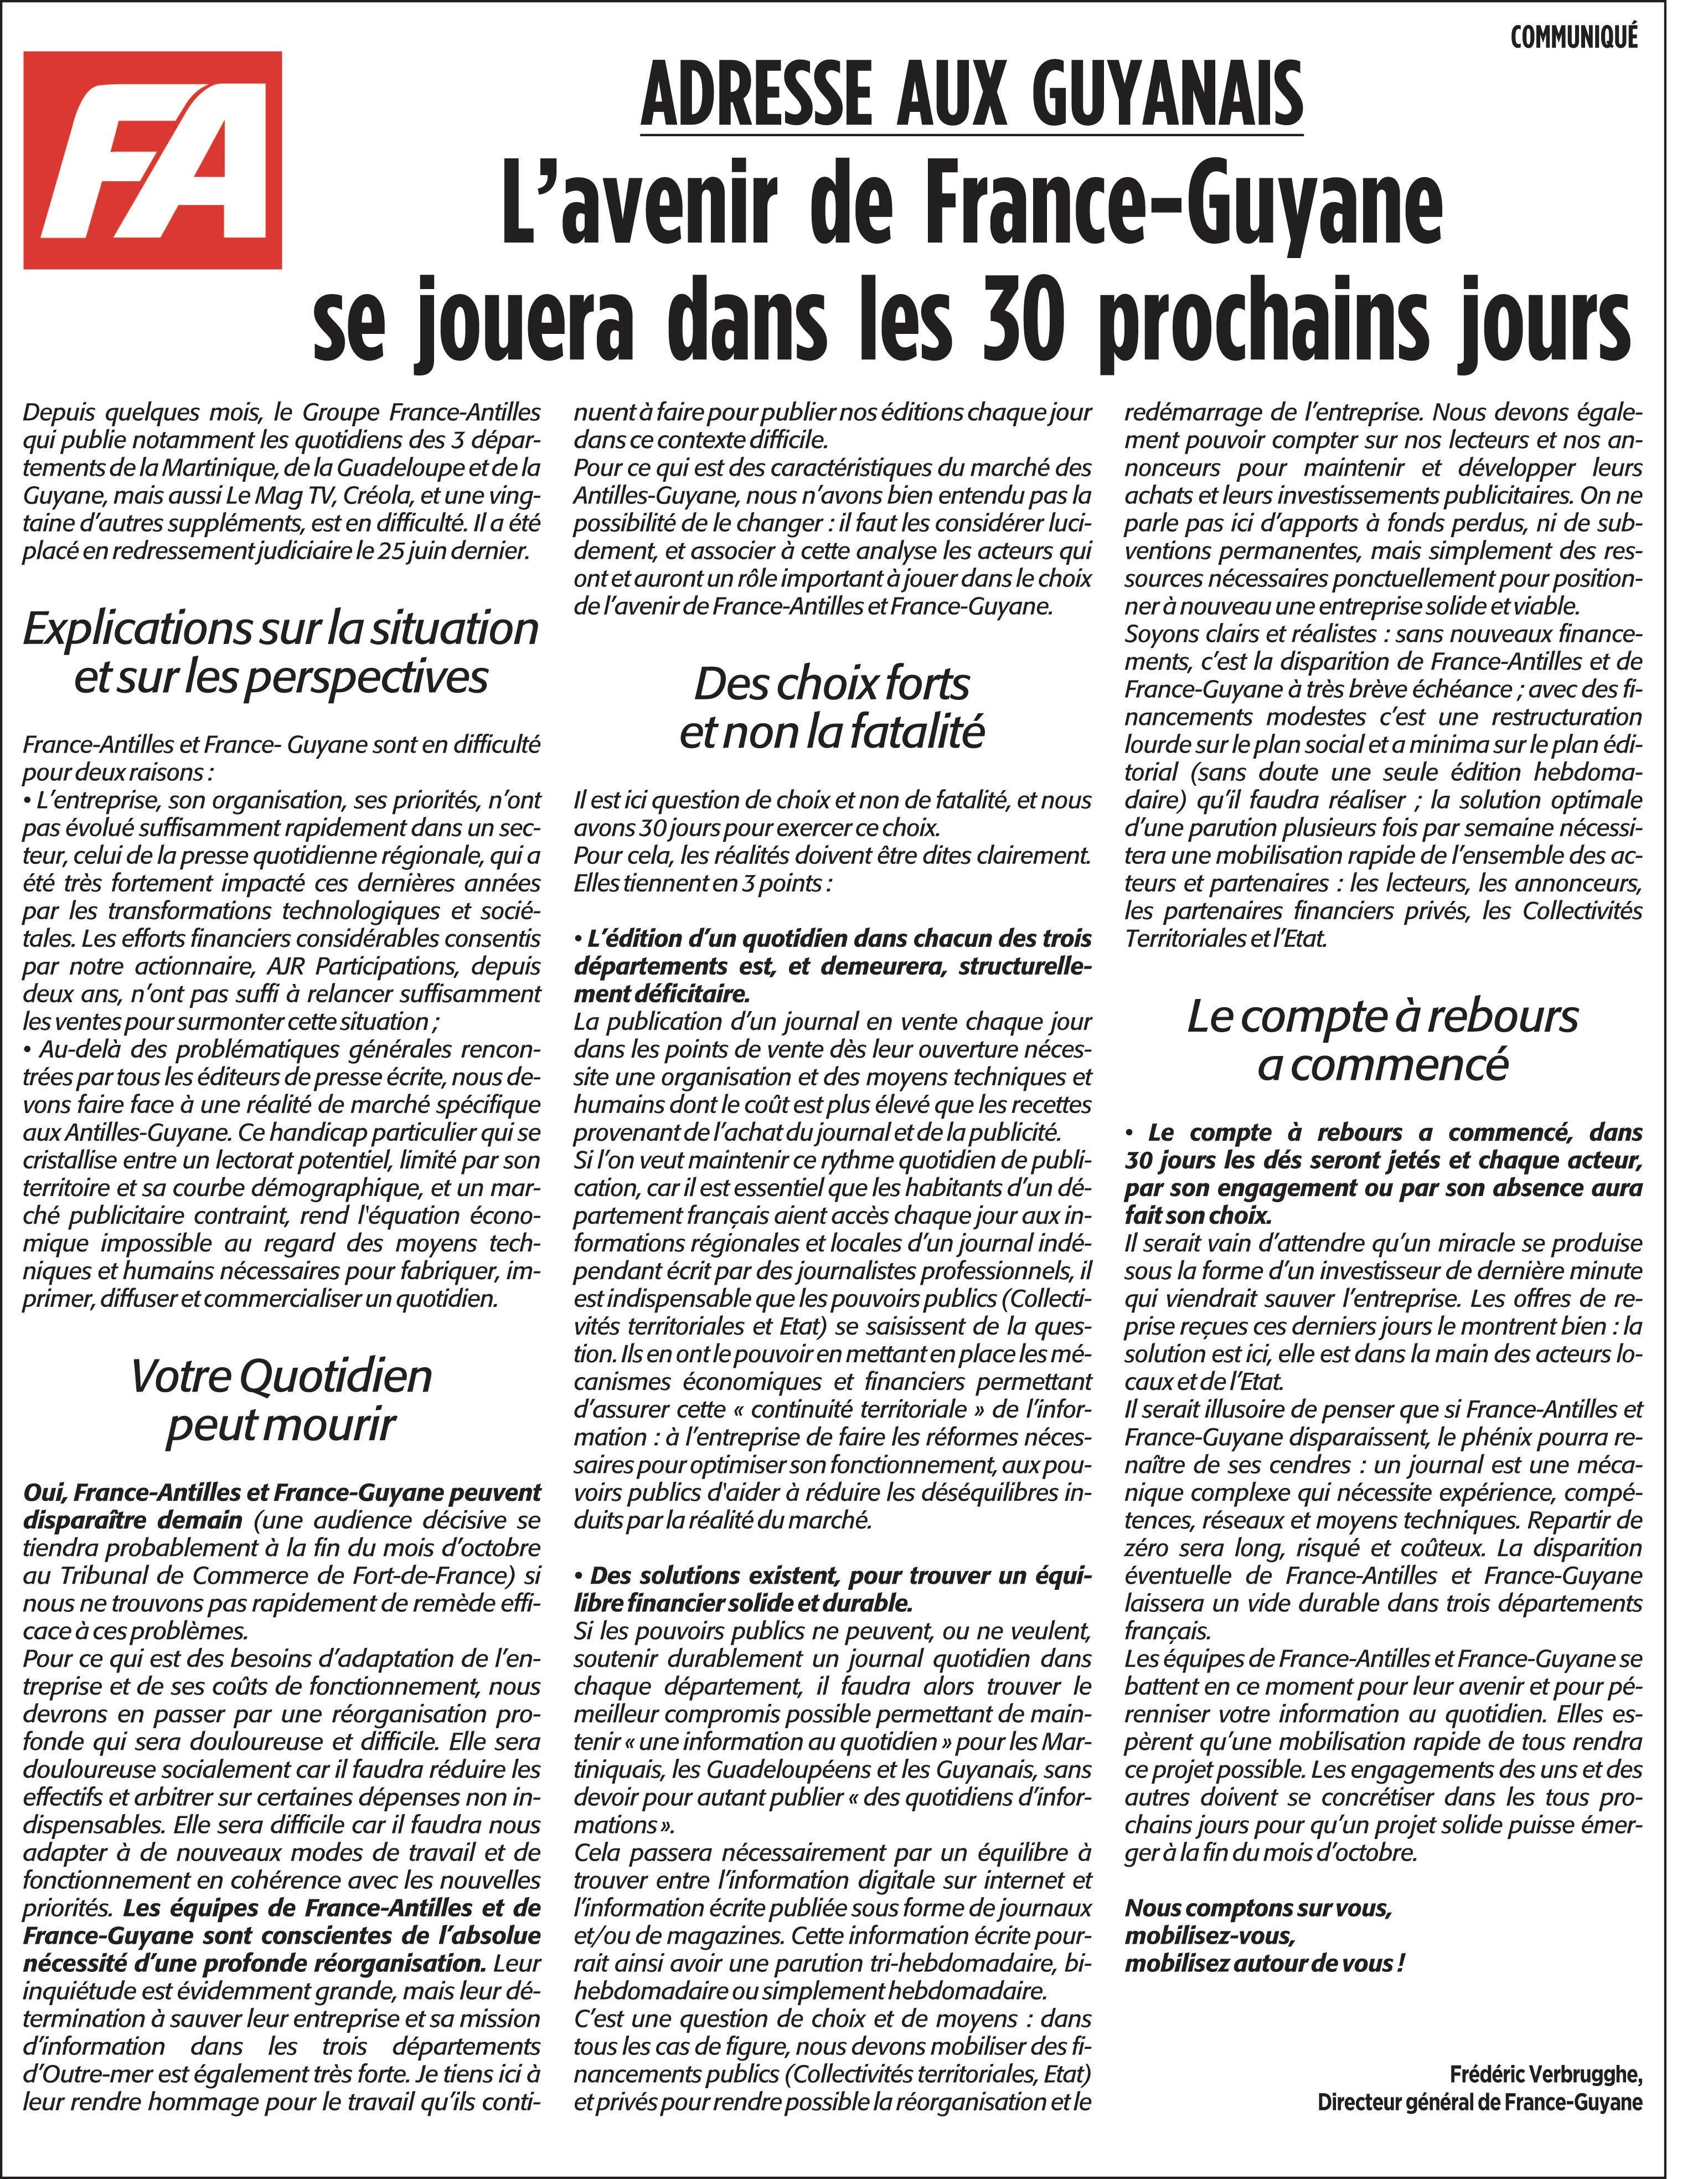 France-Antilles en grande difficulté